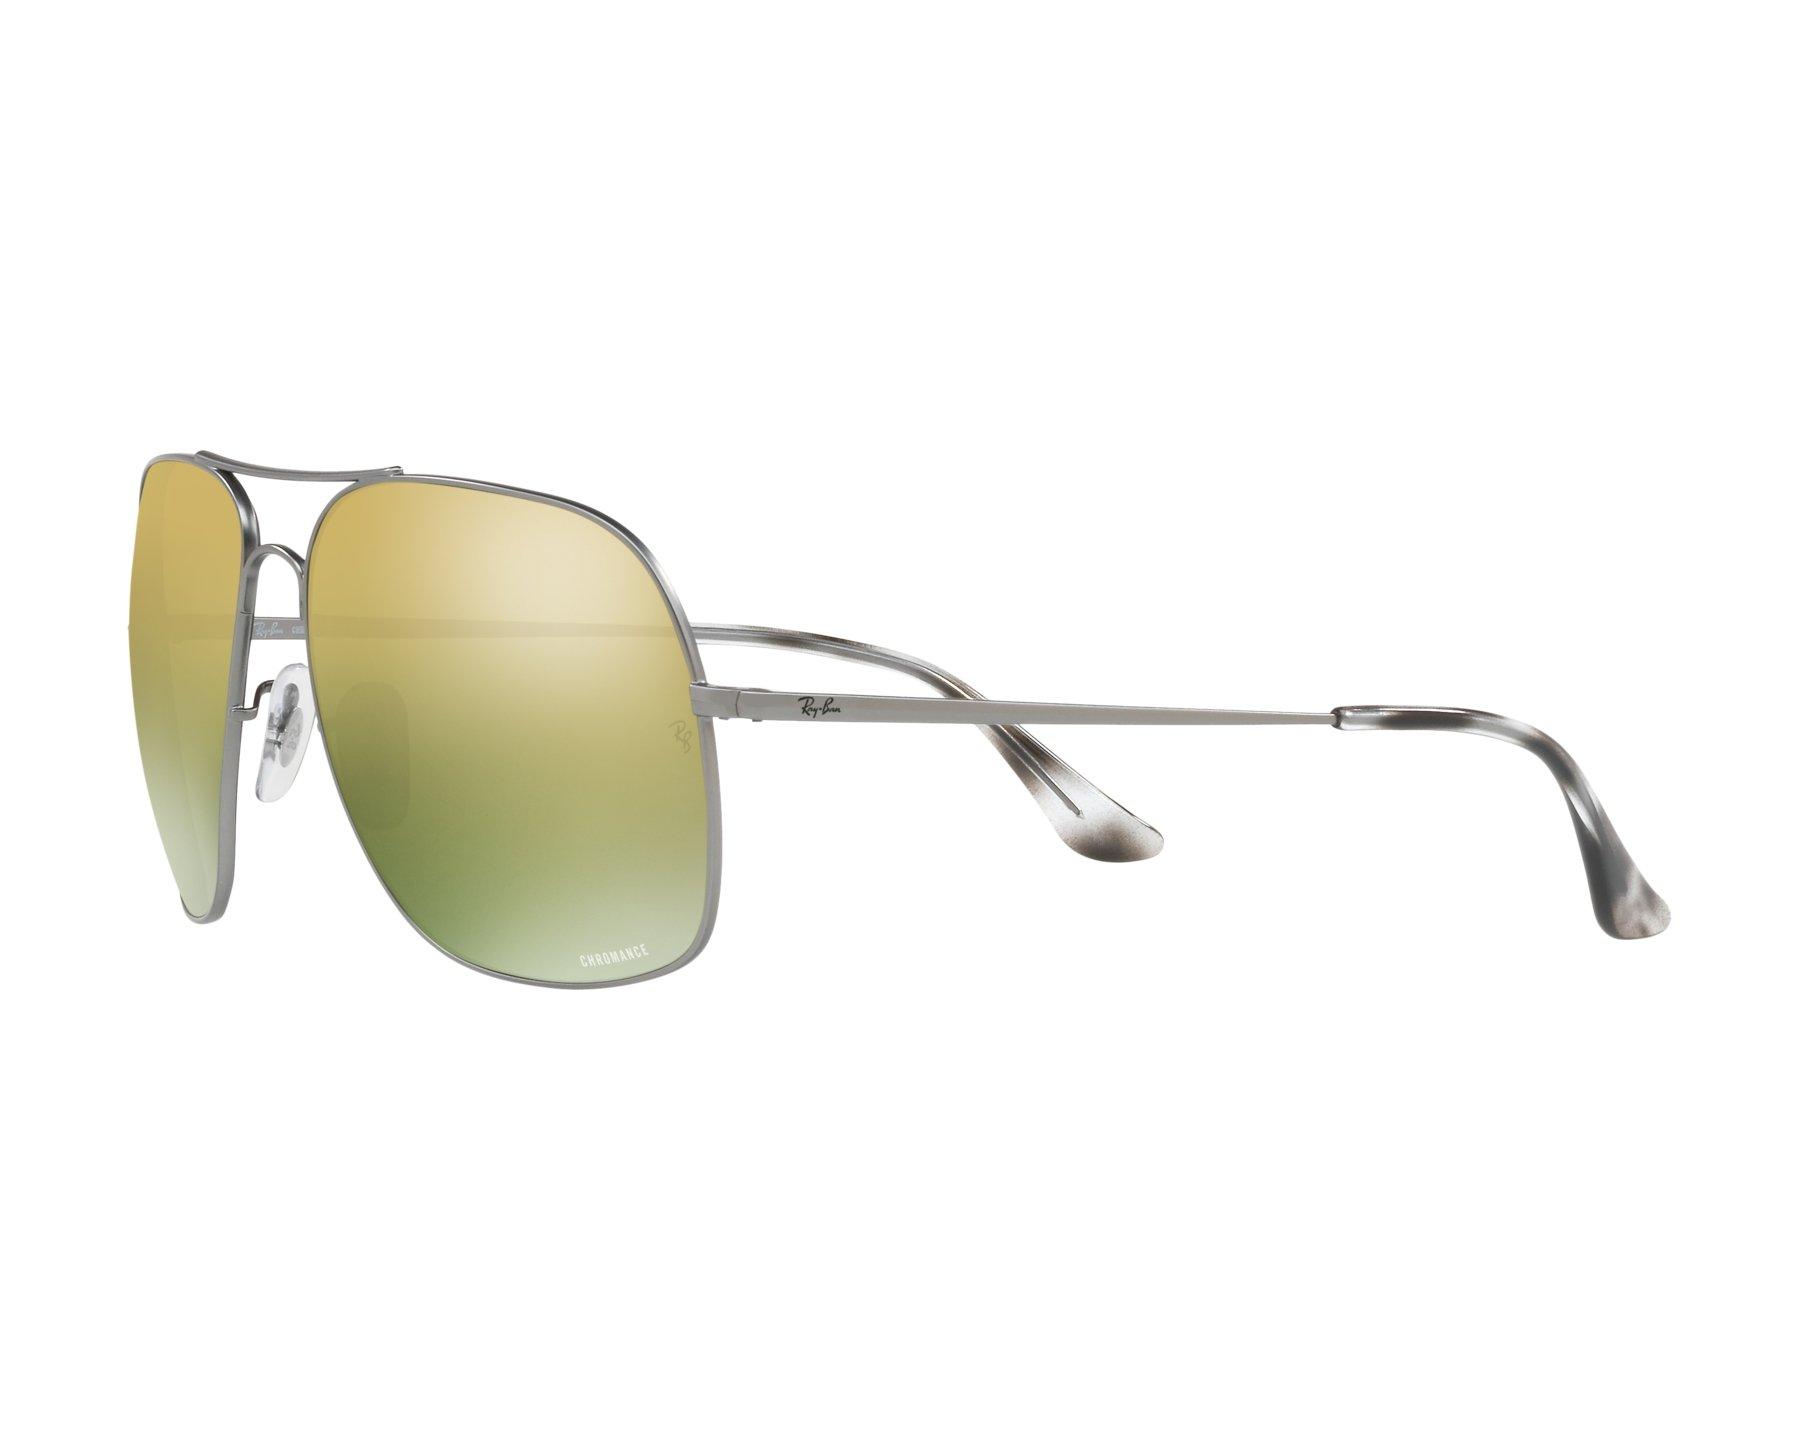 e7b34ed68f6 Sunglasses Ray-Ban RB-3587-CH 029 6O 61-15 Gun